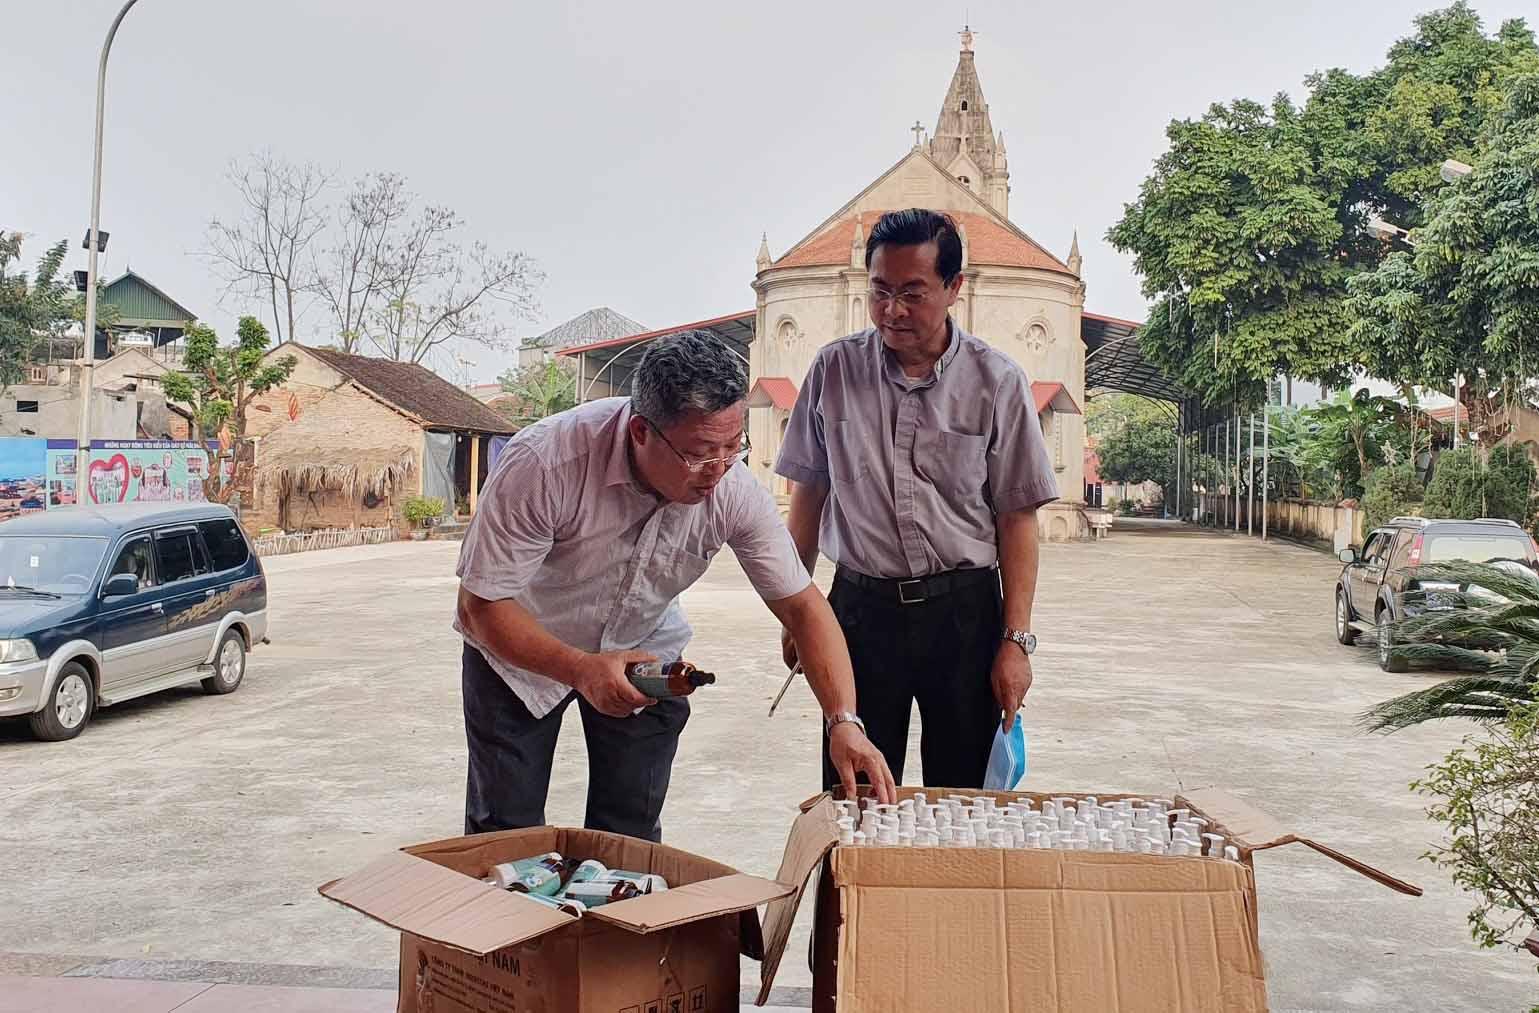 Caritas Bắc Ninh: Xin giúp đỡ giáo dân Giáo phận Bắc Ninh giữa tâm dịch Covid-19